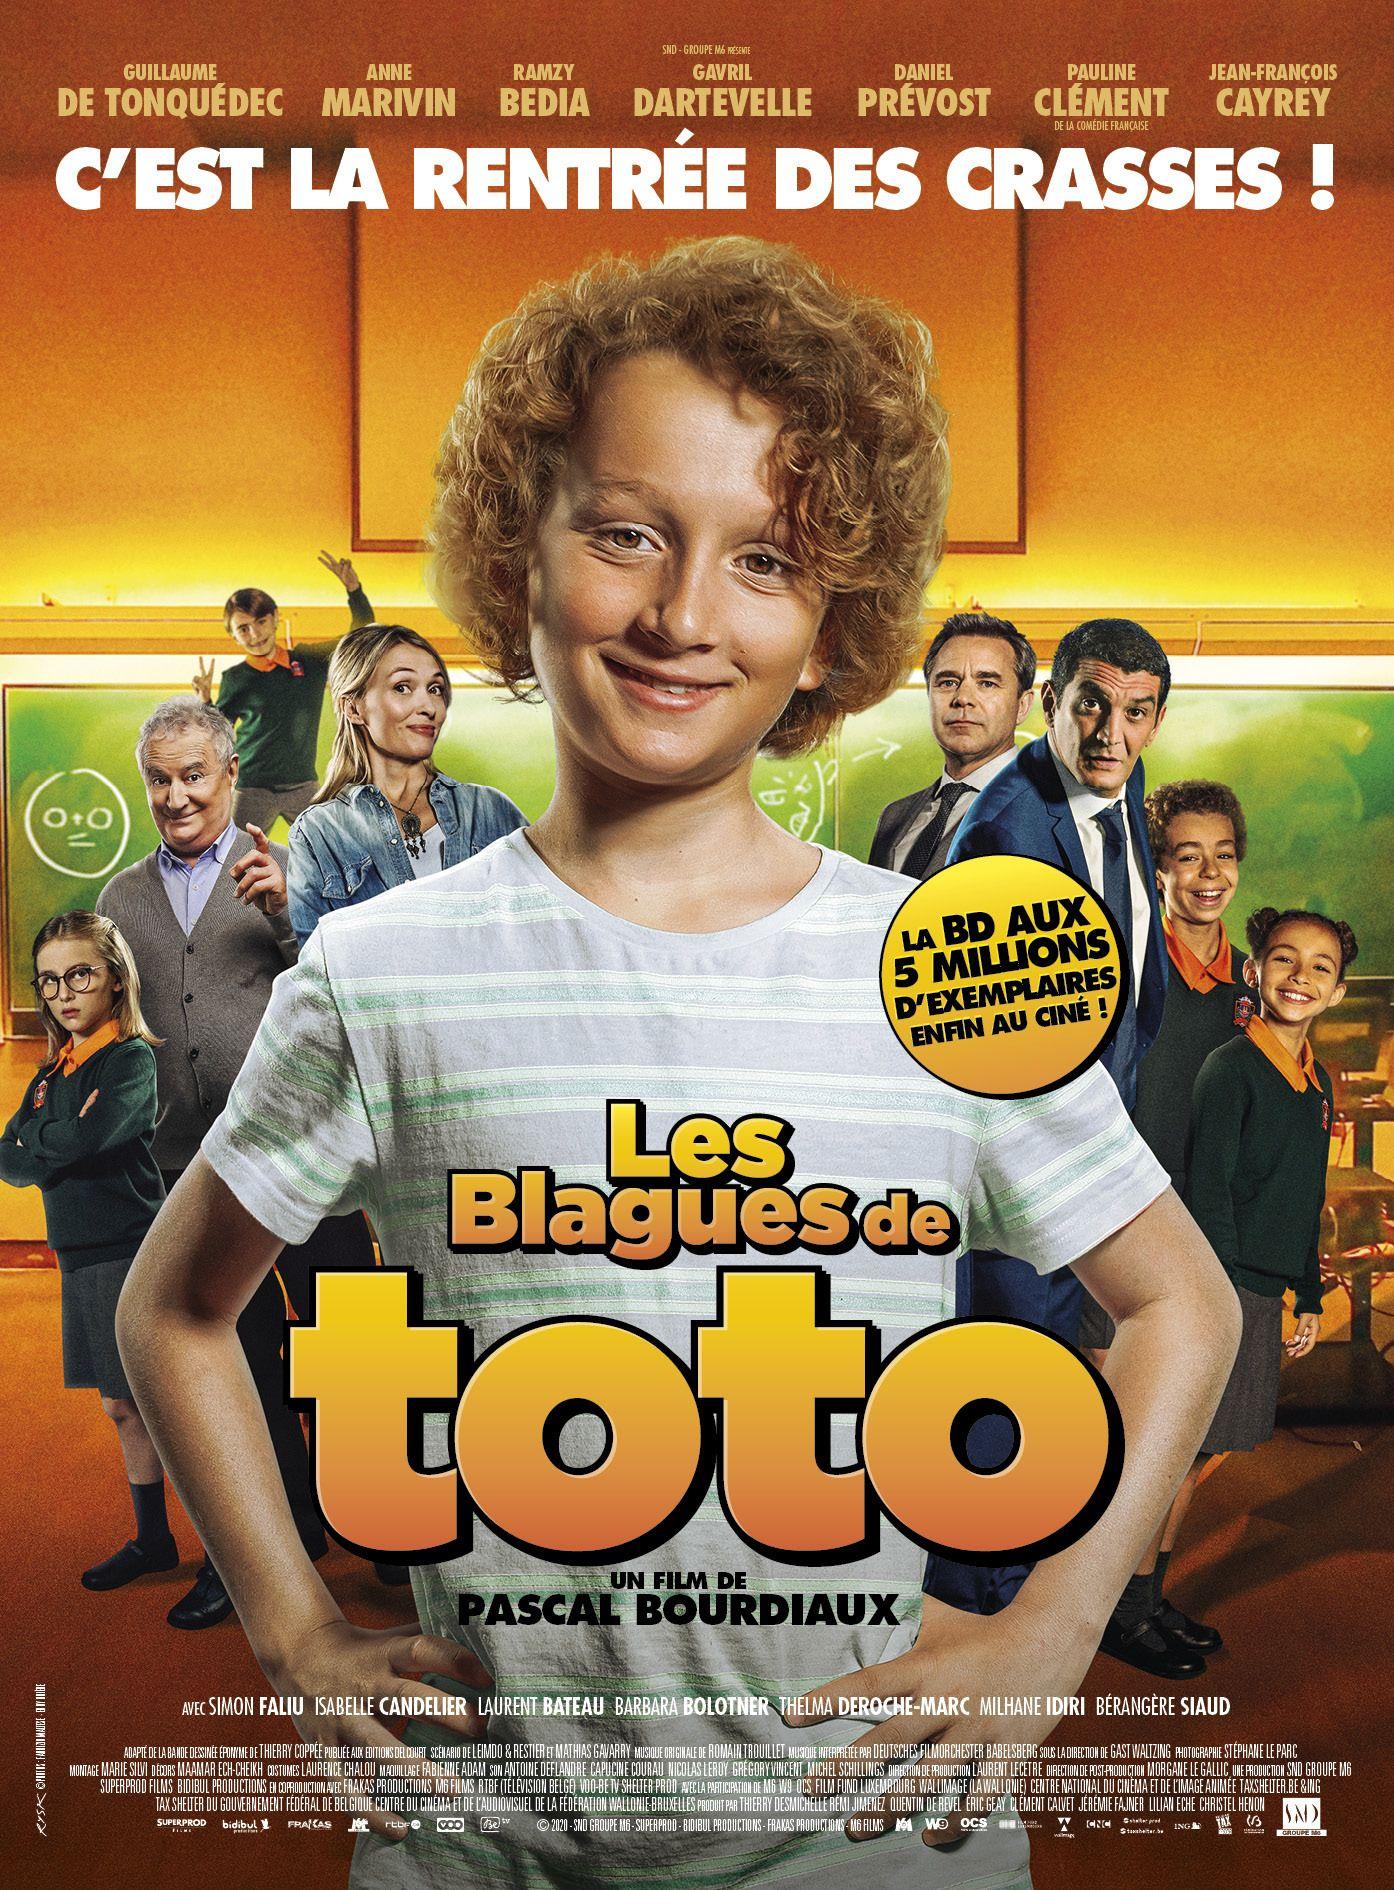 Les Blagues De Toto Blague De Toto Film Pour Enfants Films Complets